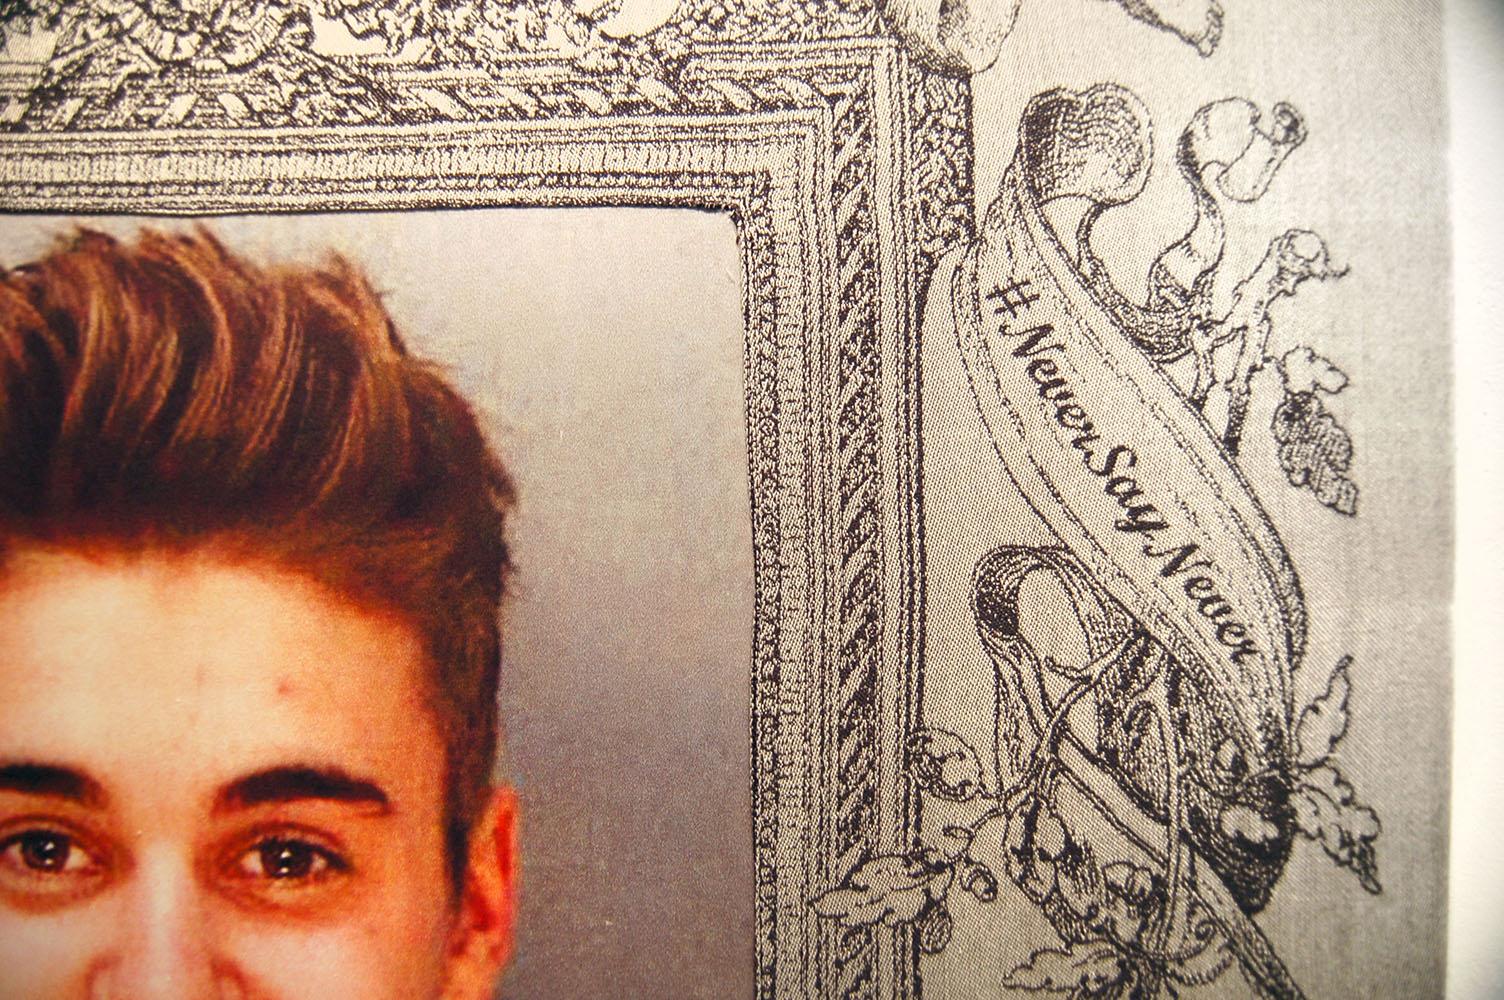 #Justin, detail